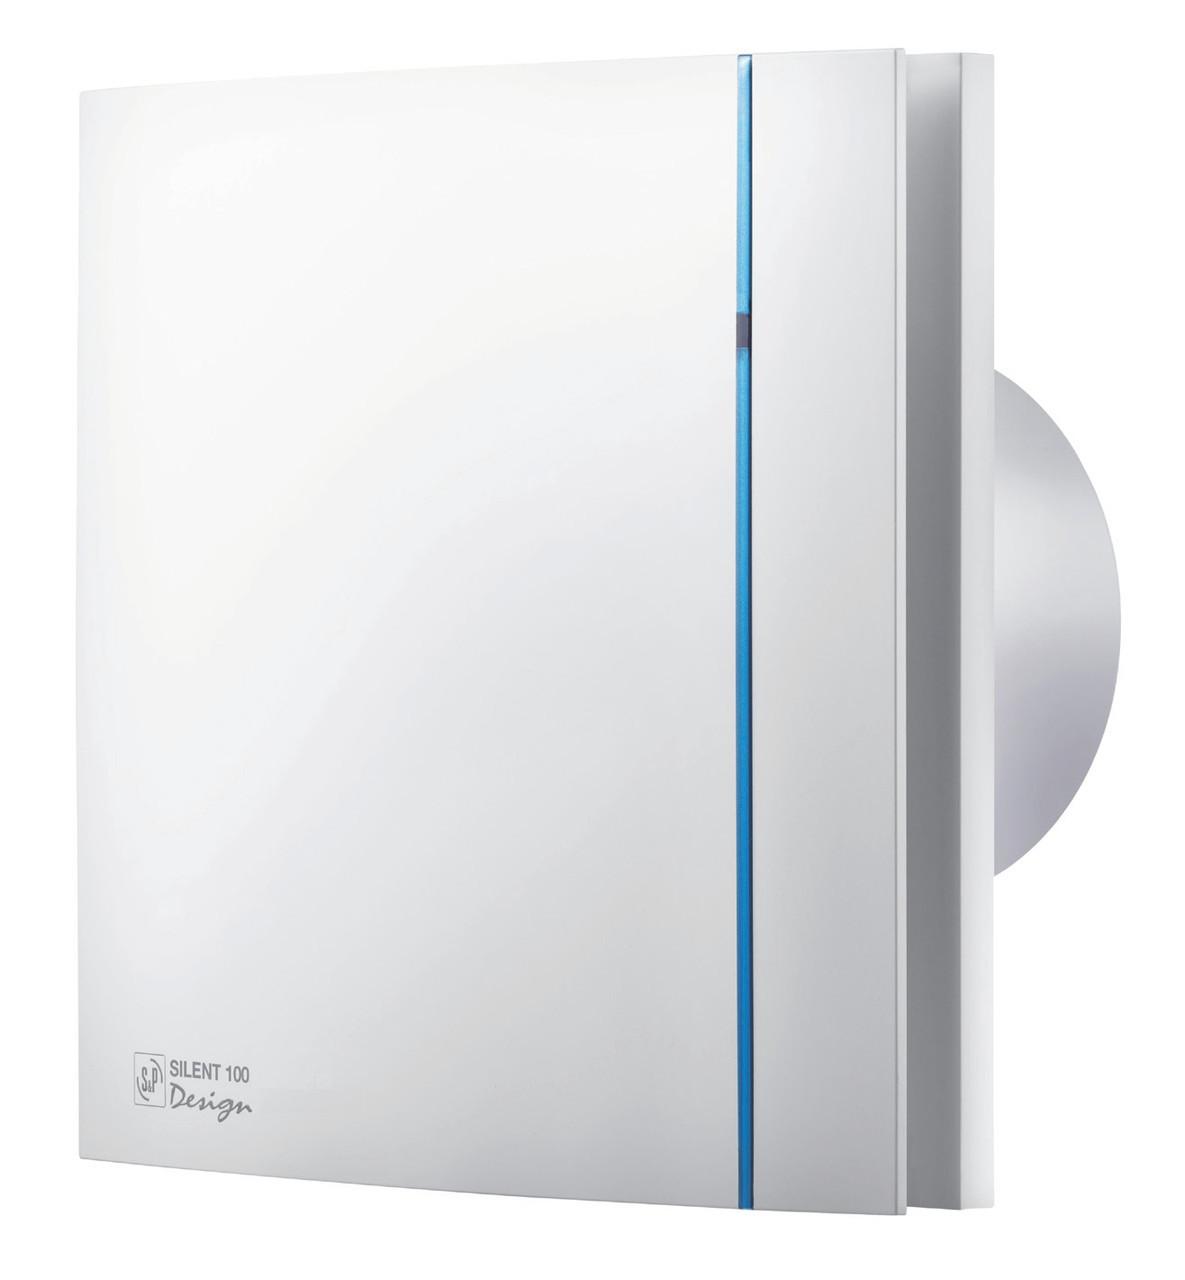 Вентилятор бытовой осевой Soler&Palau SILENT-100 CRZ DESIGN - 3C (230V 50)